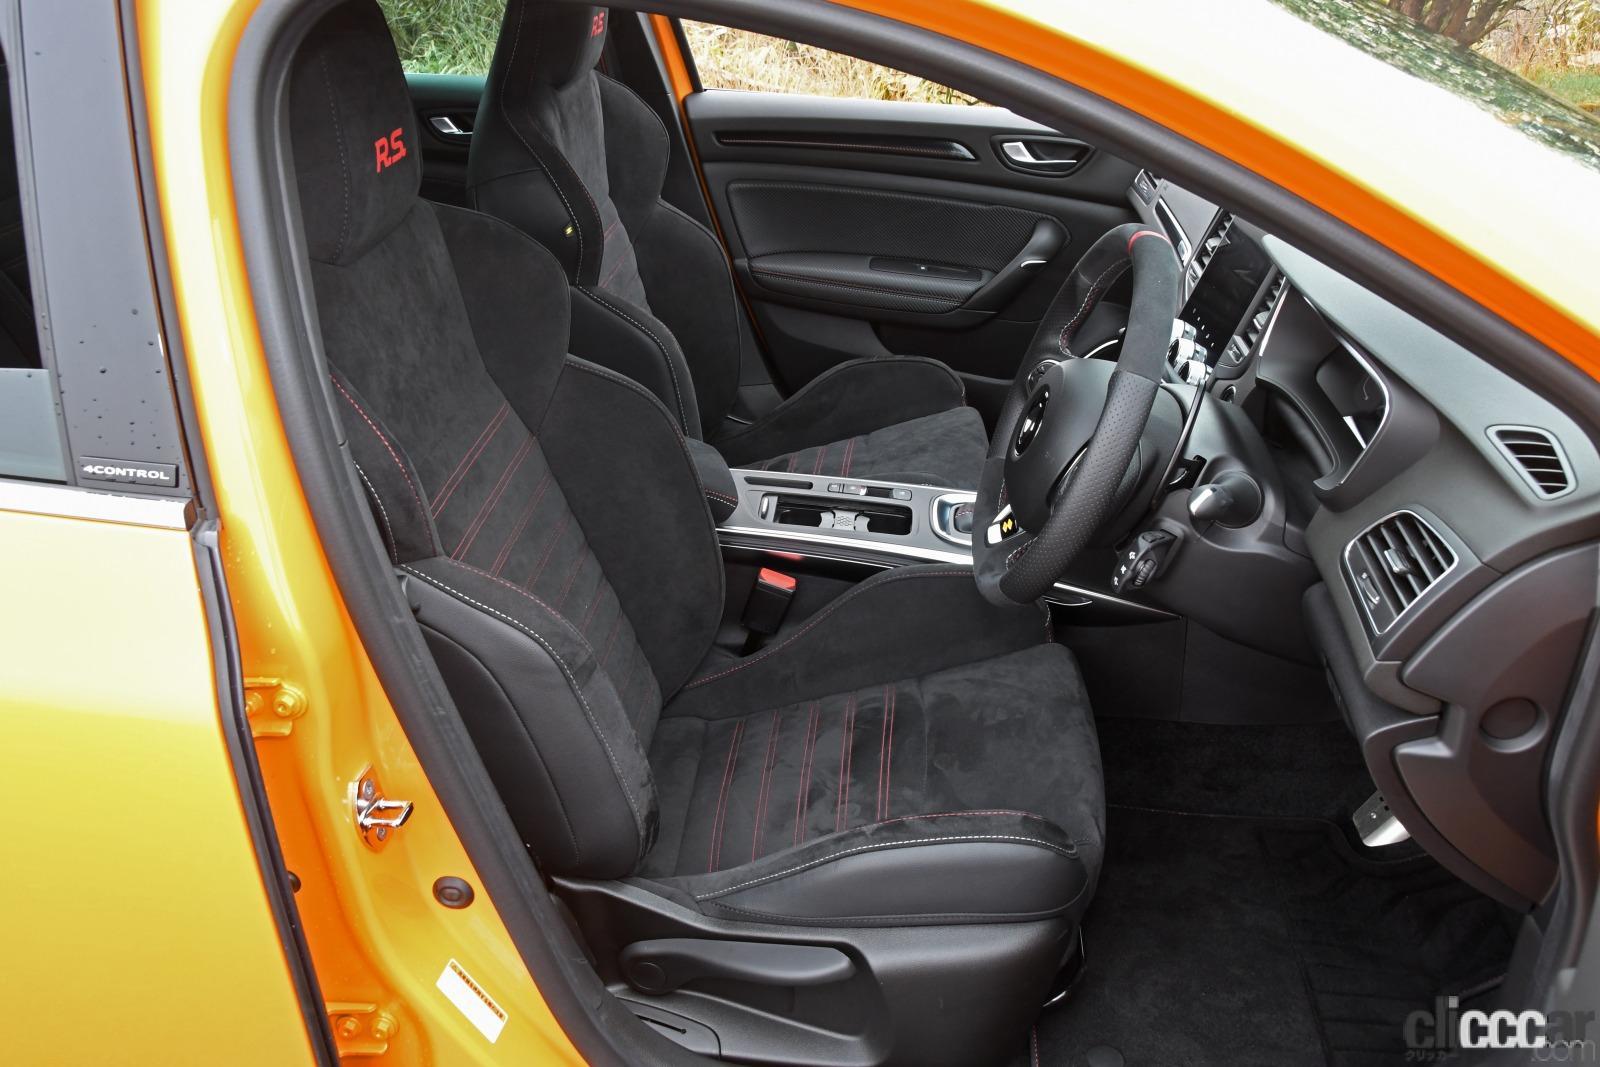 「ルノー・メガーヌR.S.は500万円を切る価格で手に入る高性能スポーツカーだった!」の7枚目の画像